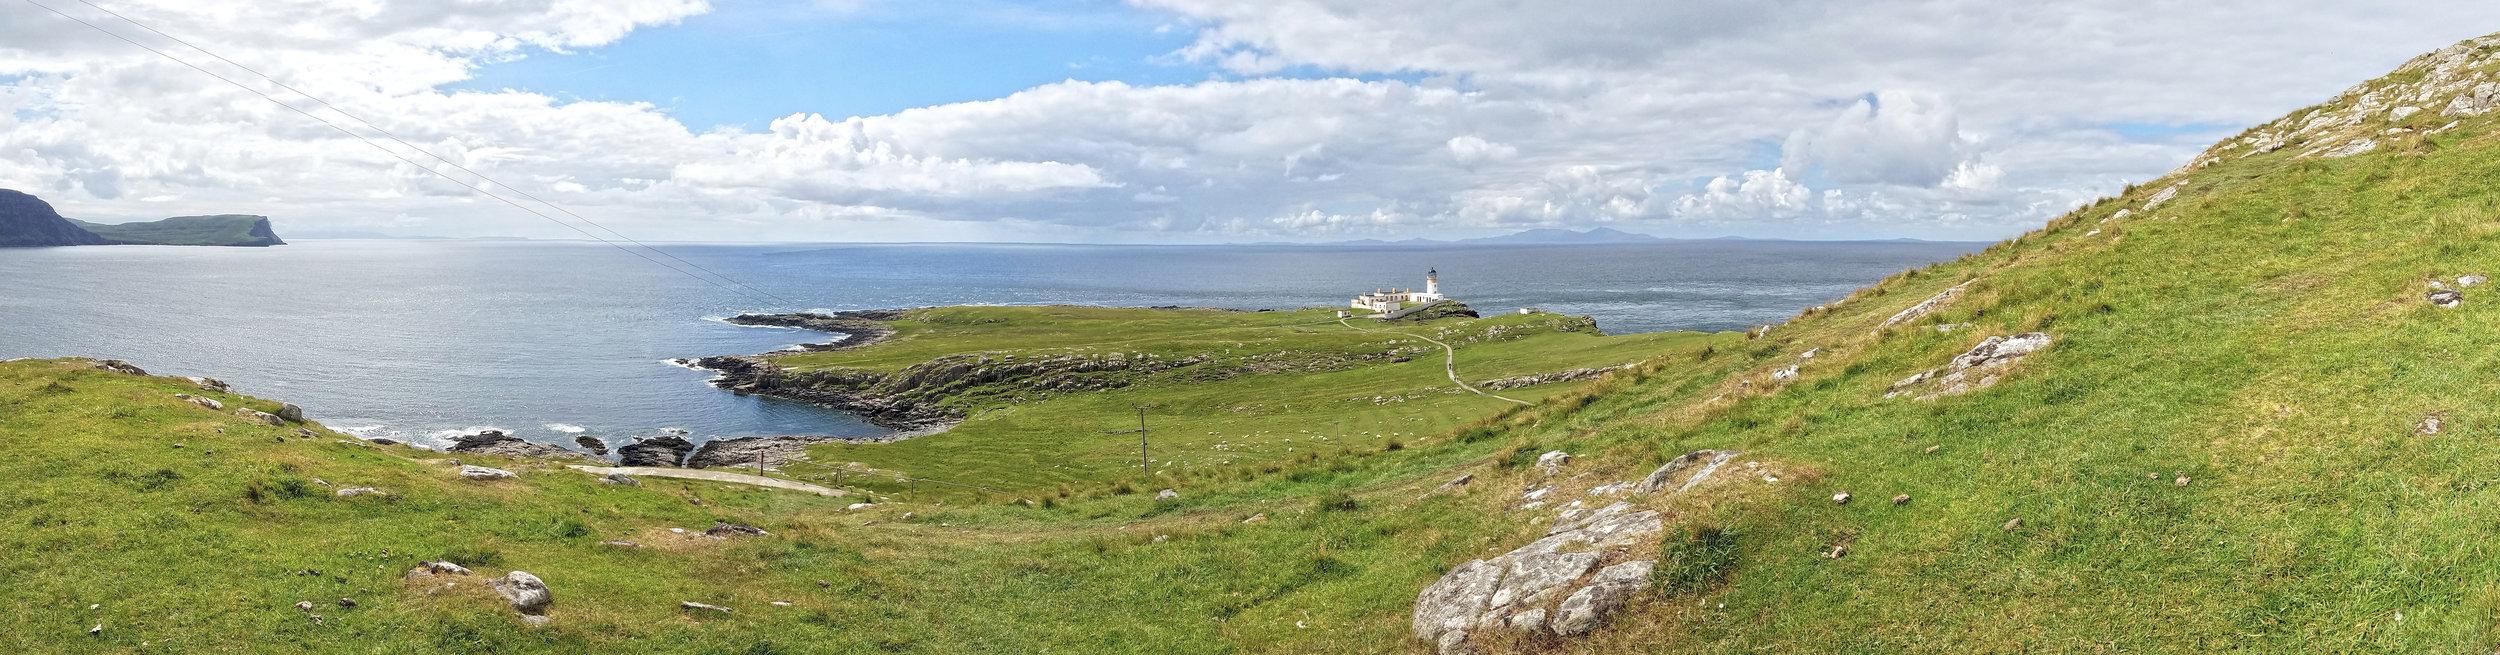 Neist Point LIghthouse Panorama